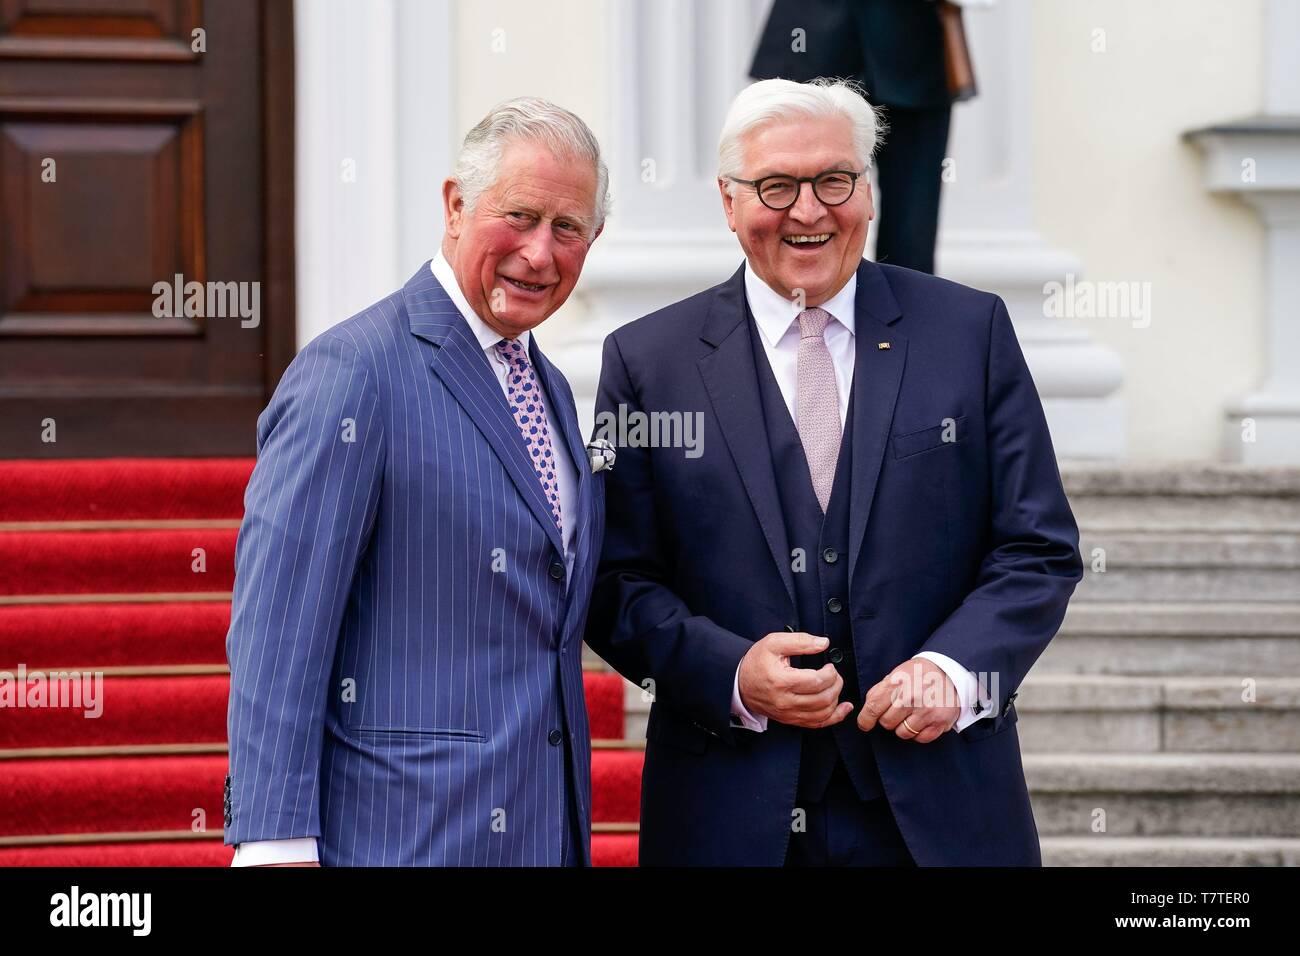 Berlin, Allemagne. 07Th Mai, 2019. 07.05.2019, Berlin, Charles Philip Arthur George, Prince de Galles (Prince de Galles) et duc de Cornouailles (duc de Cornouailles), le Prince Charles pour de courtes au château de Bellevue. Le Prince Charles est l'héritier du trône du Royaume-Uni. Il est le fils aîné de la reine Elizabeth II et le Prince Philip. L'arrivée de la visite royale à la réception par le Président fédéral Frank-Walter Steinmeier. Utilisation dans le monde entier   Credit: dpa/Alamy Live News Banque D'Images